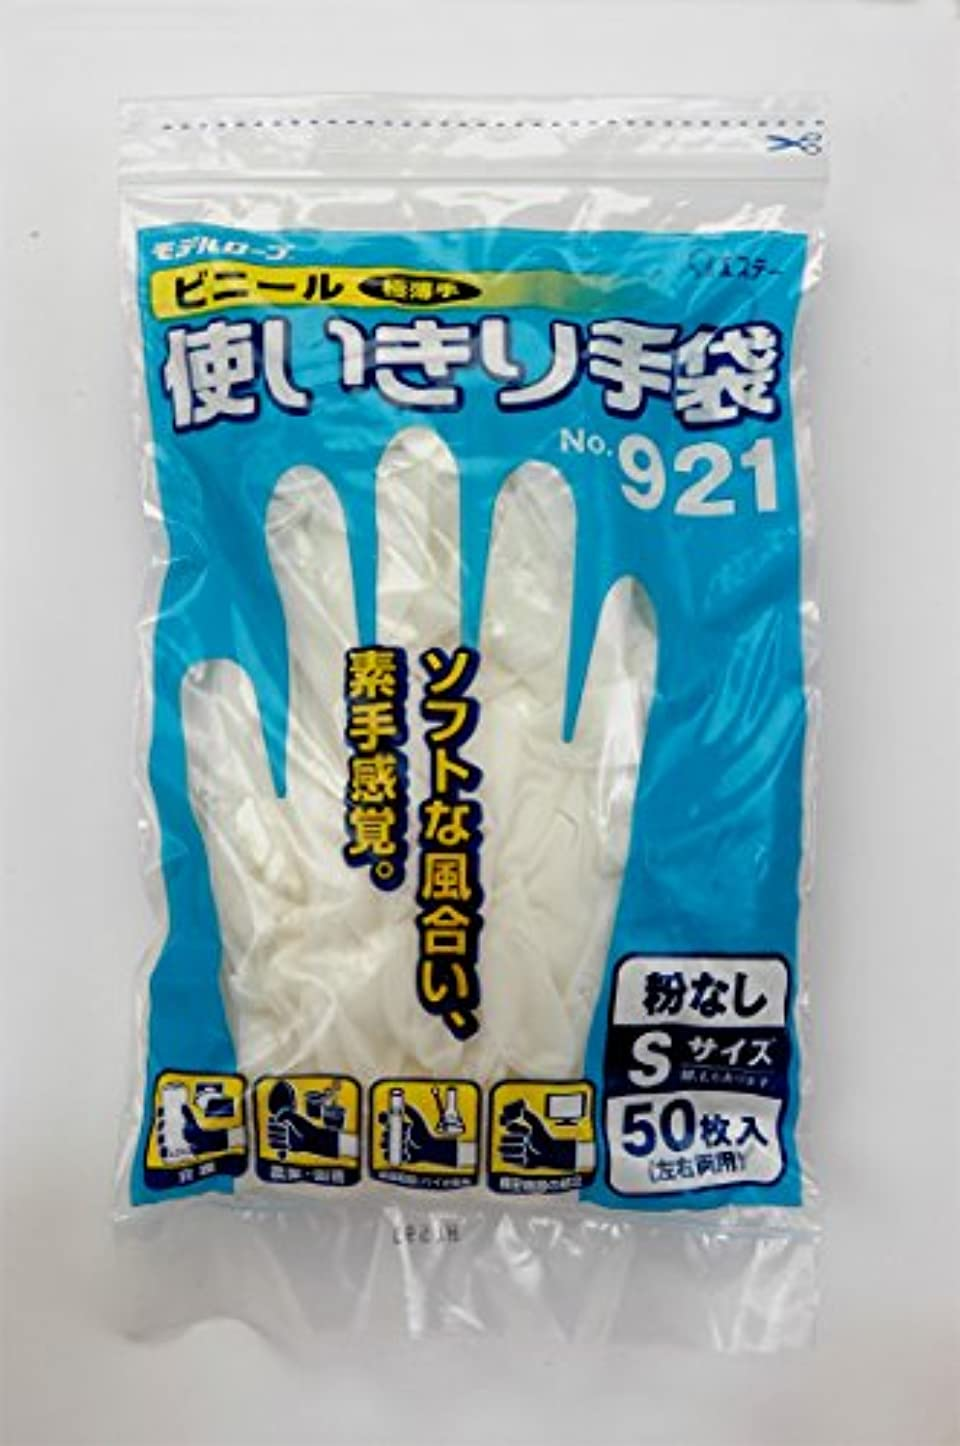 深くスーパーマーケット寛容モデルローブNo921ビニール使いきり手袋粉なし50枚袋入S